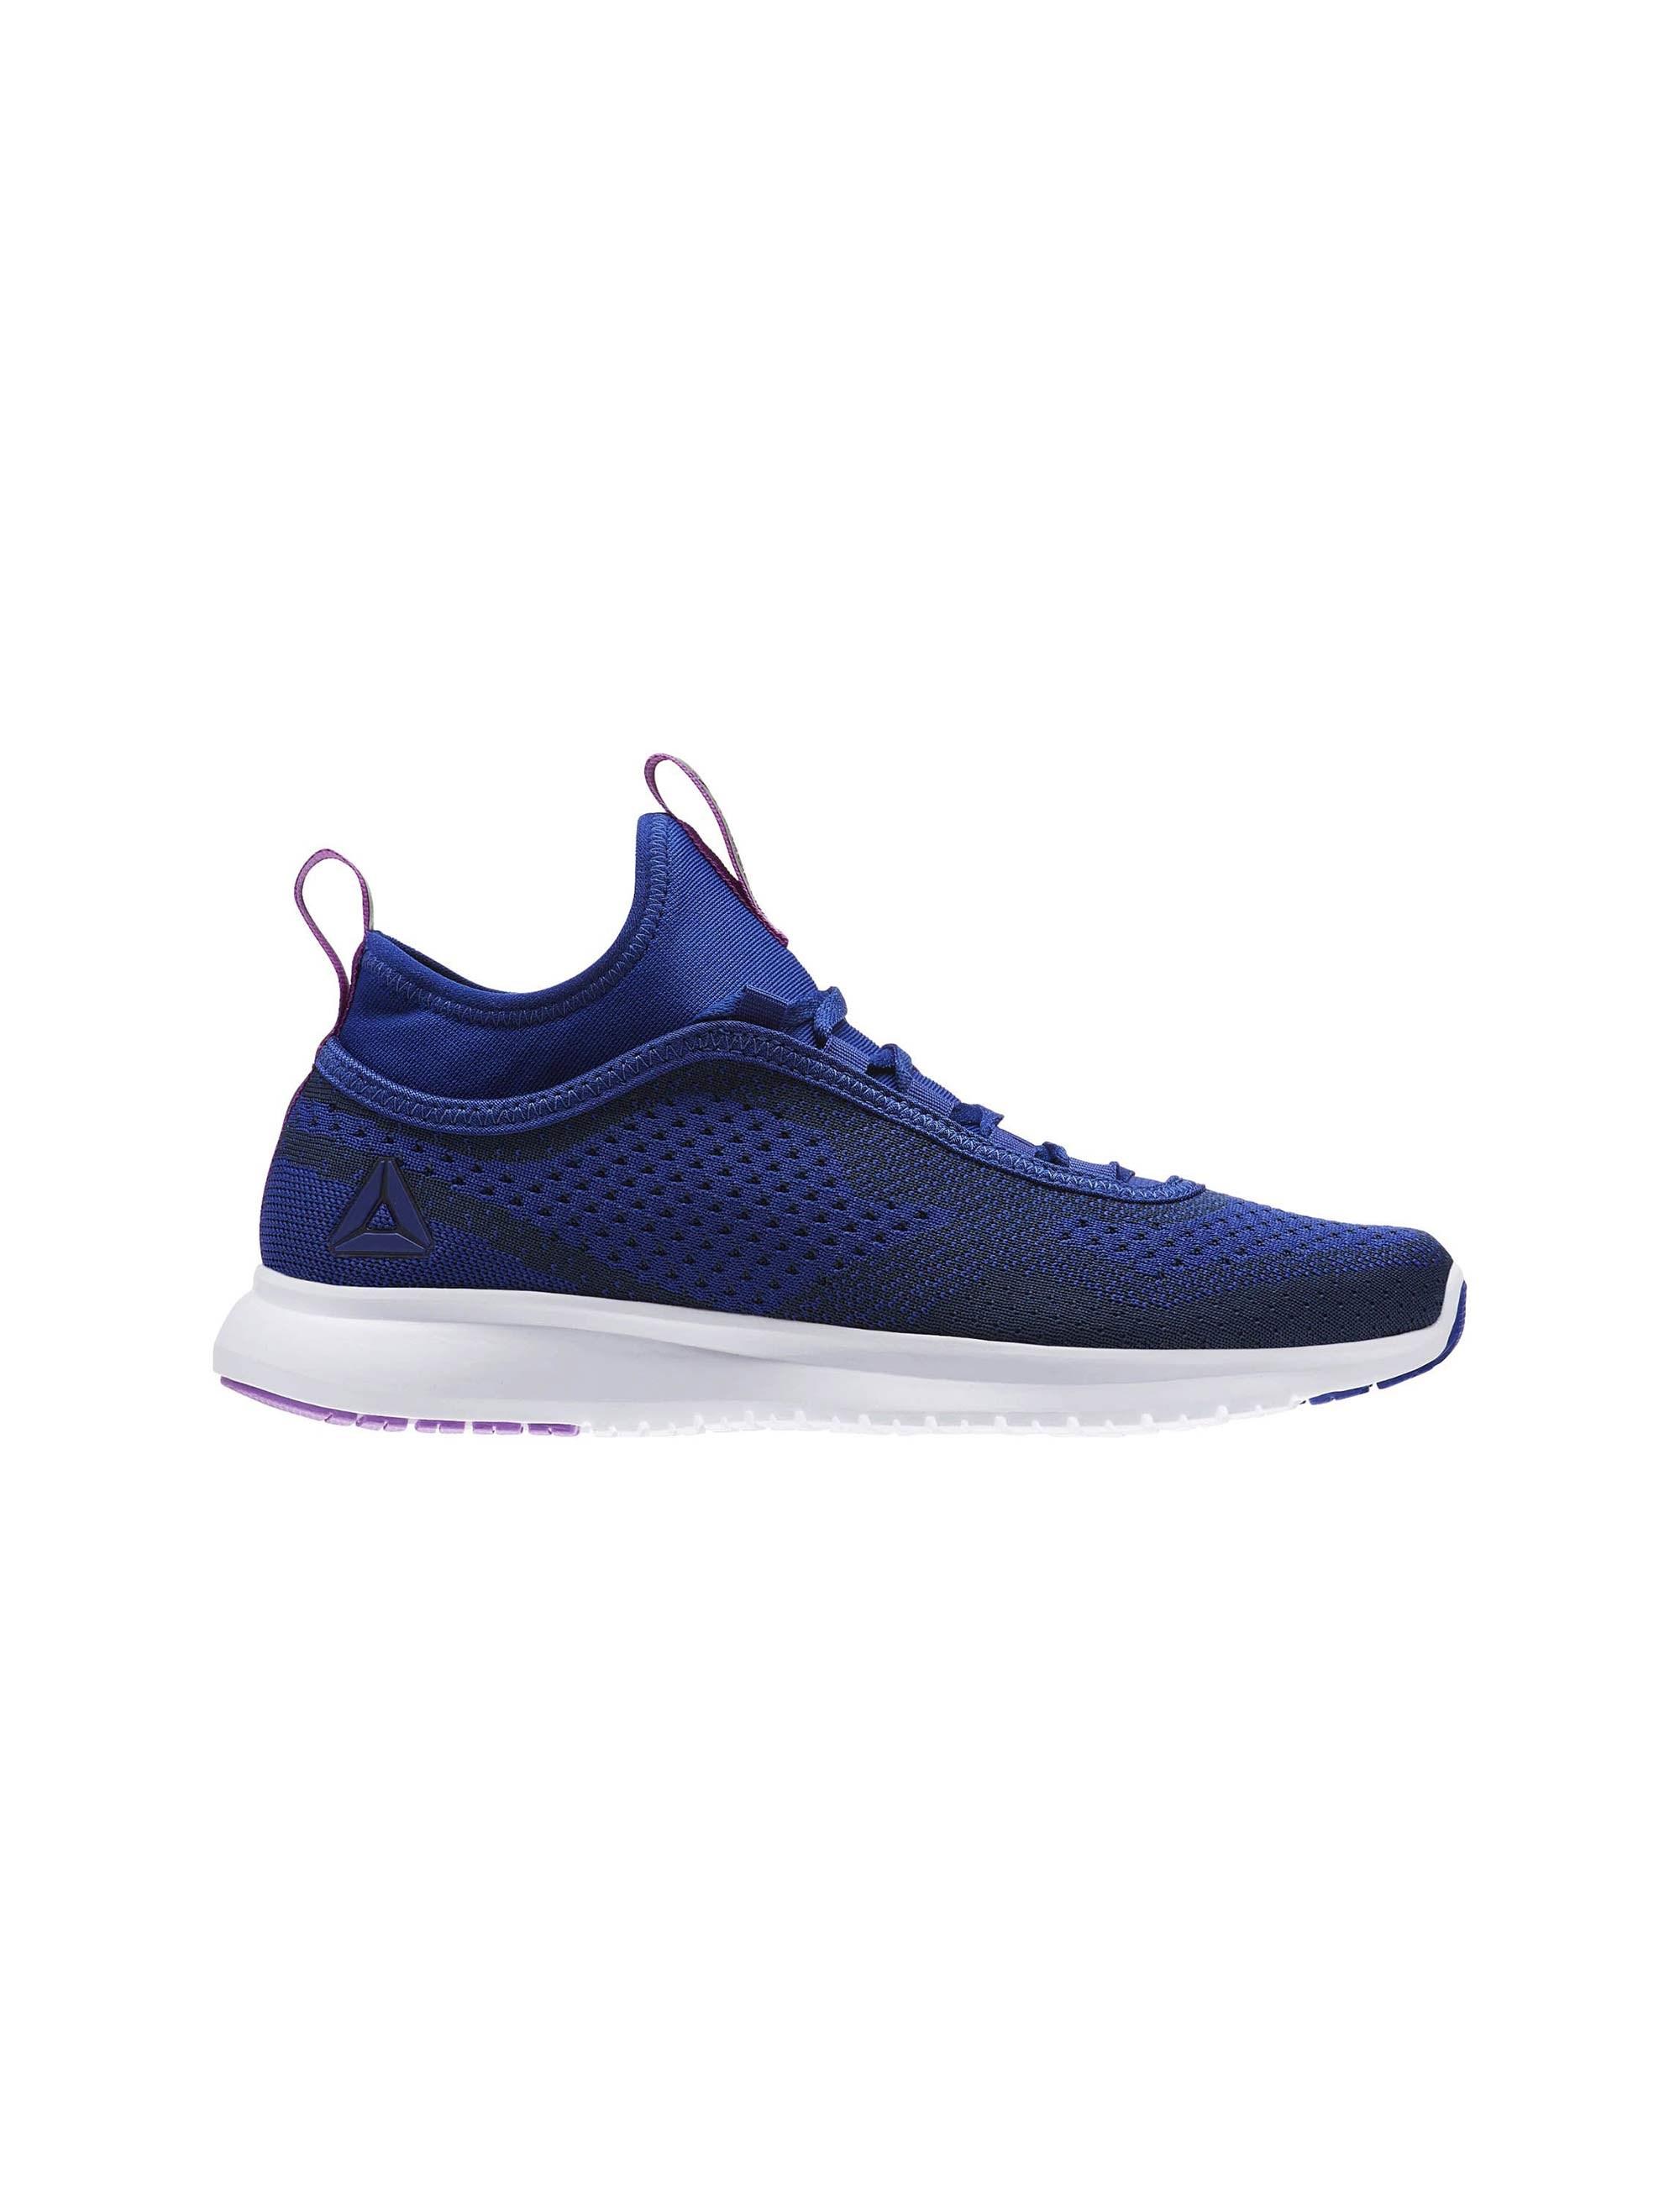 کفش دویدن بندی زنانه Plus Runner Ultraknit - ریباک - آبي - 1